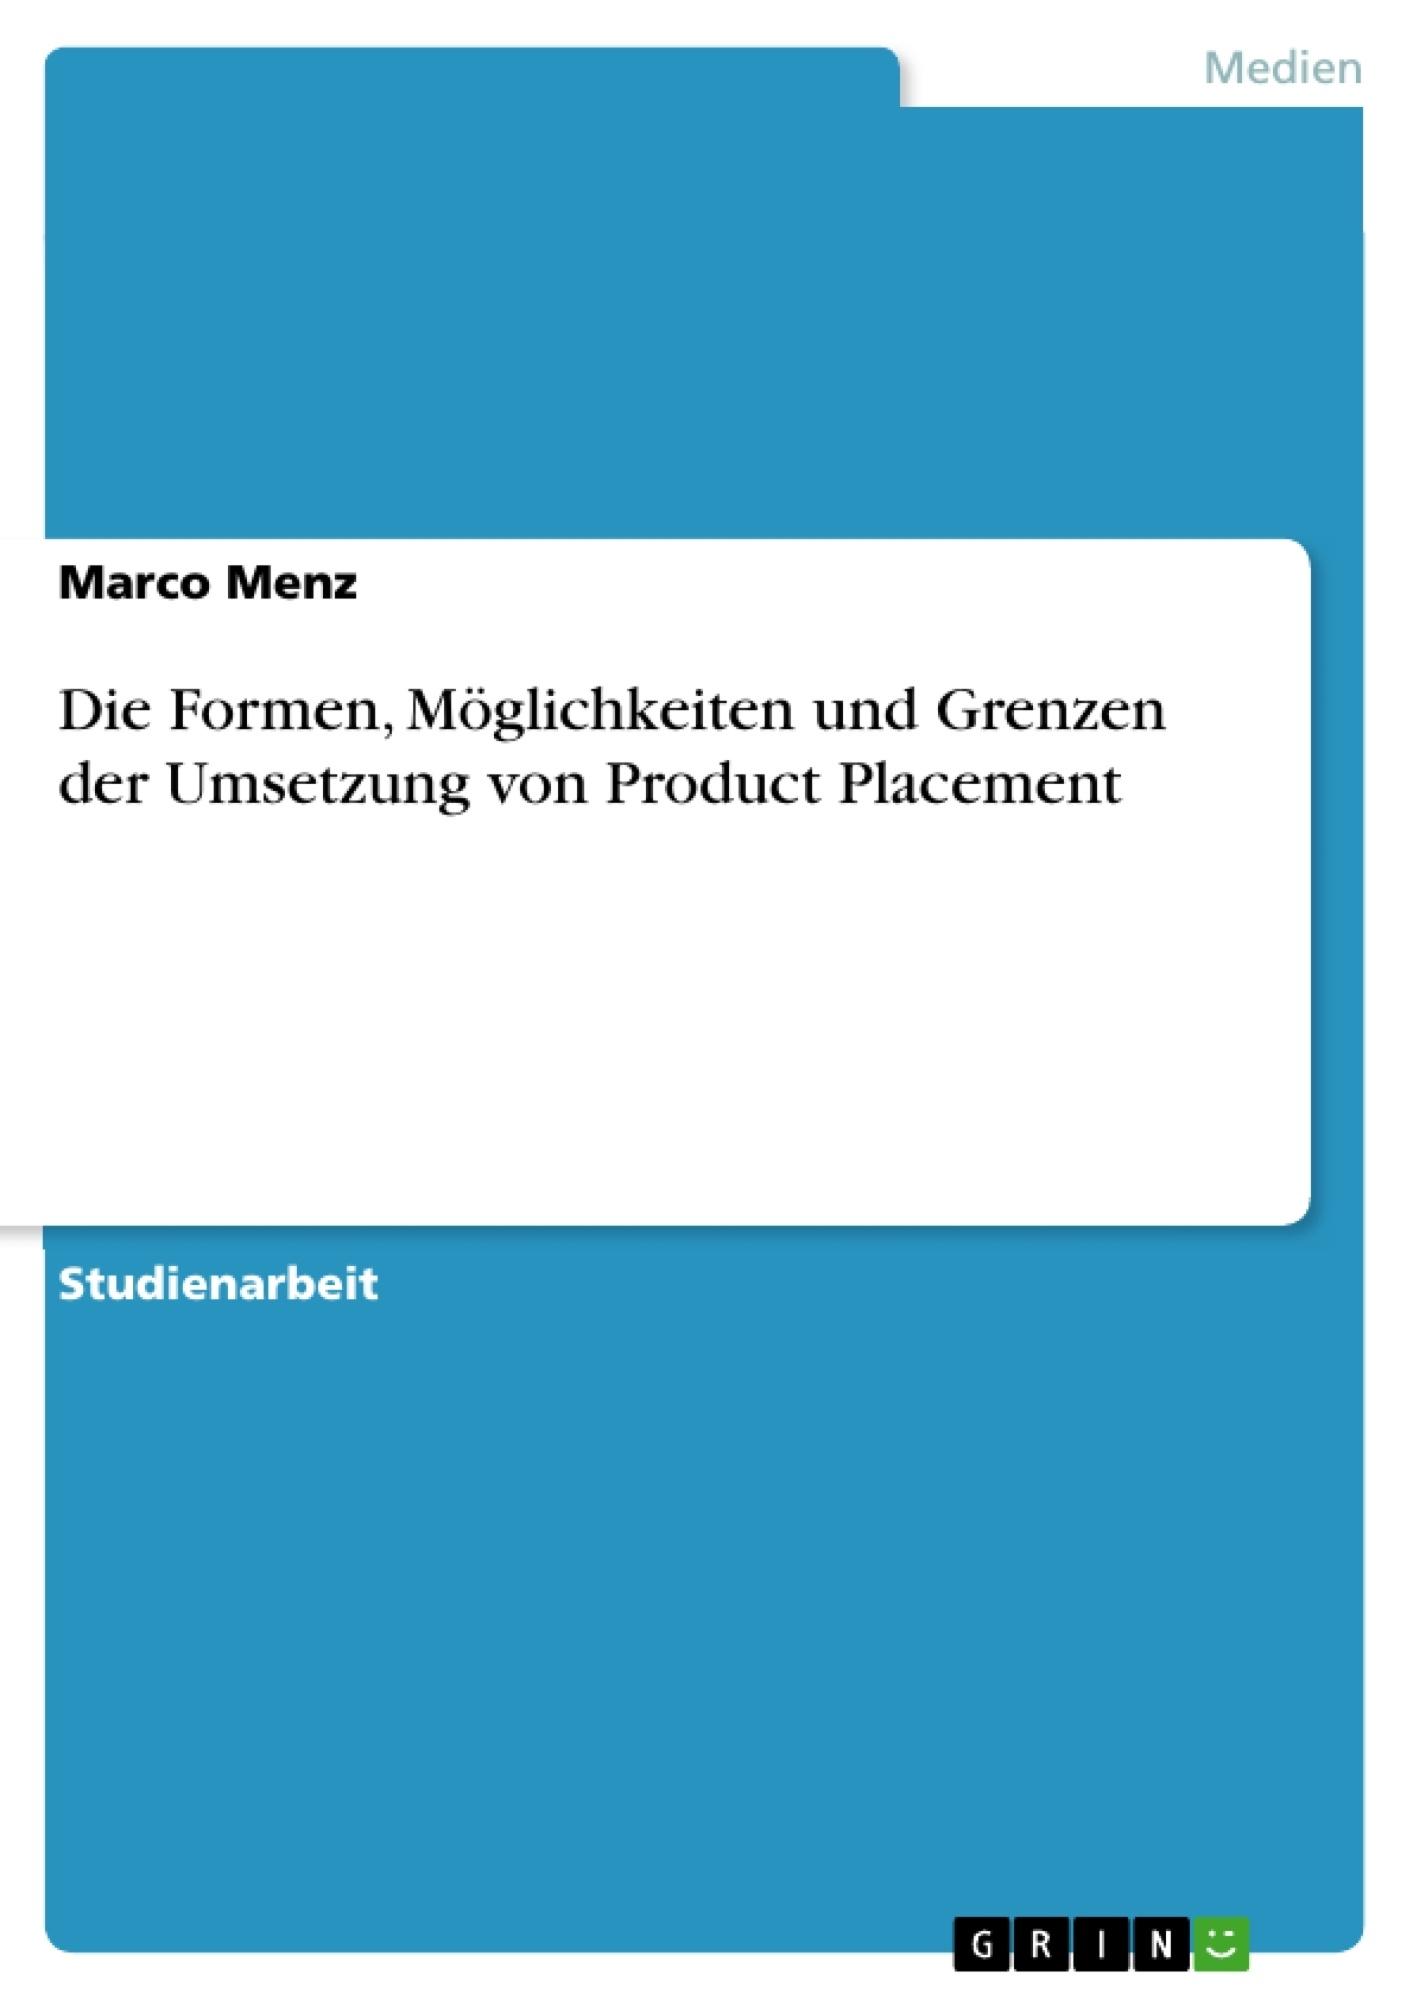 Titel: Die Formen, Möglichkeiten und Grenzen der Umsetzung von Product Placement